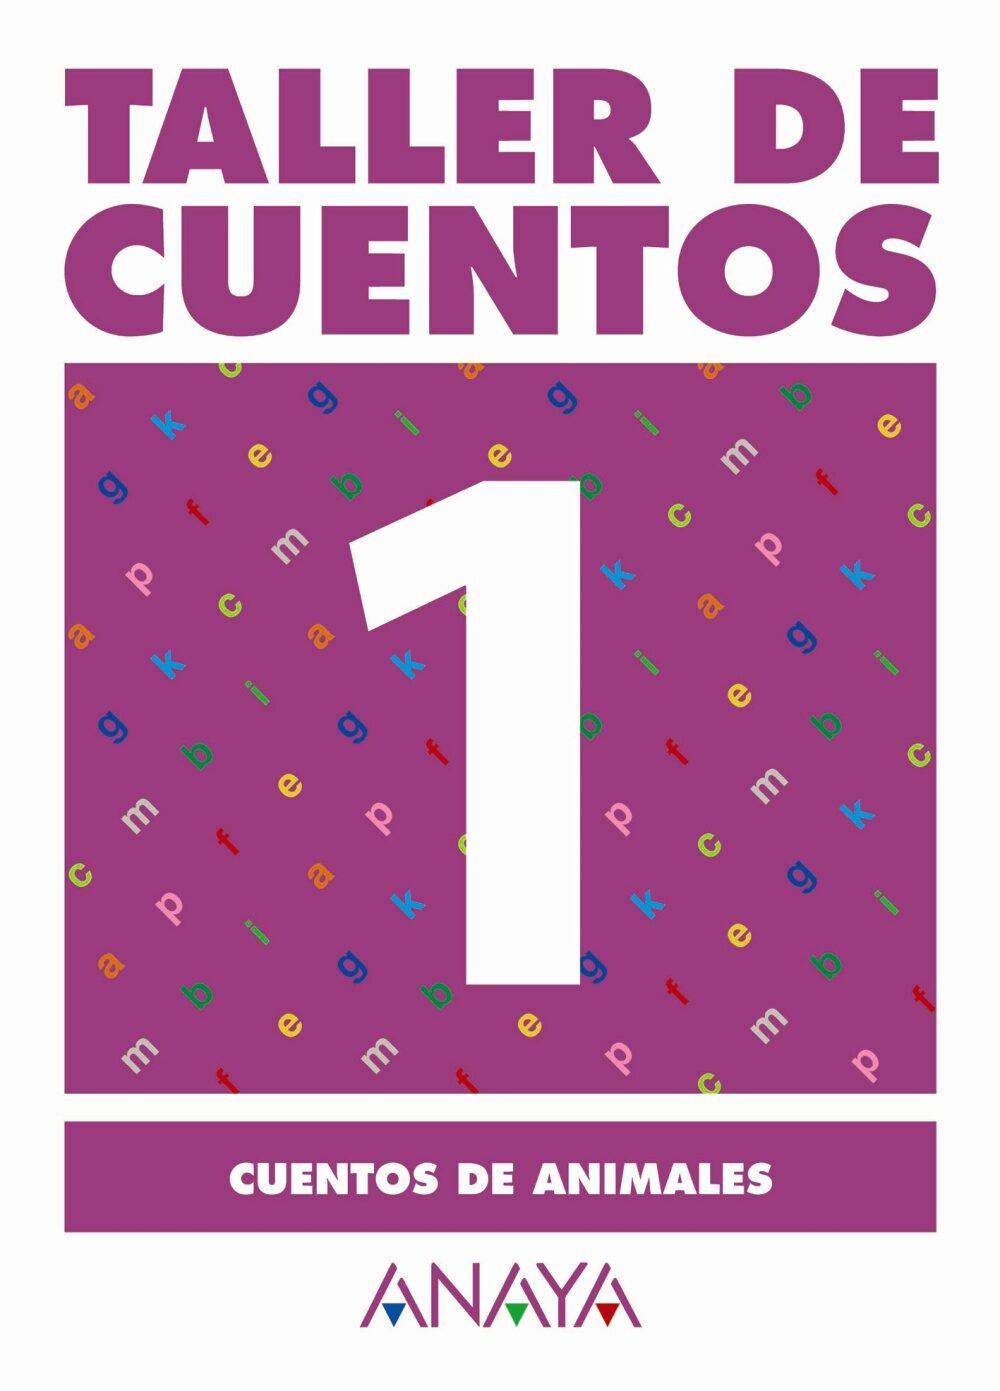 Taller De Cuentos 1: Cuentos De Animales por Maria Isabel Fuentes Zaragoza Gratis